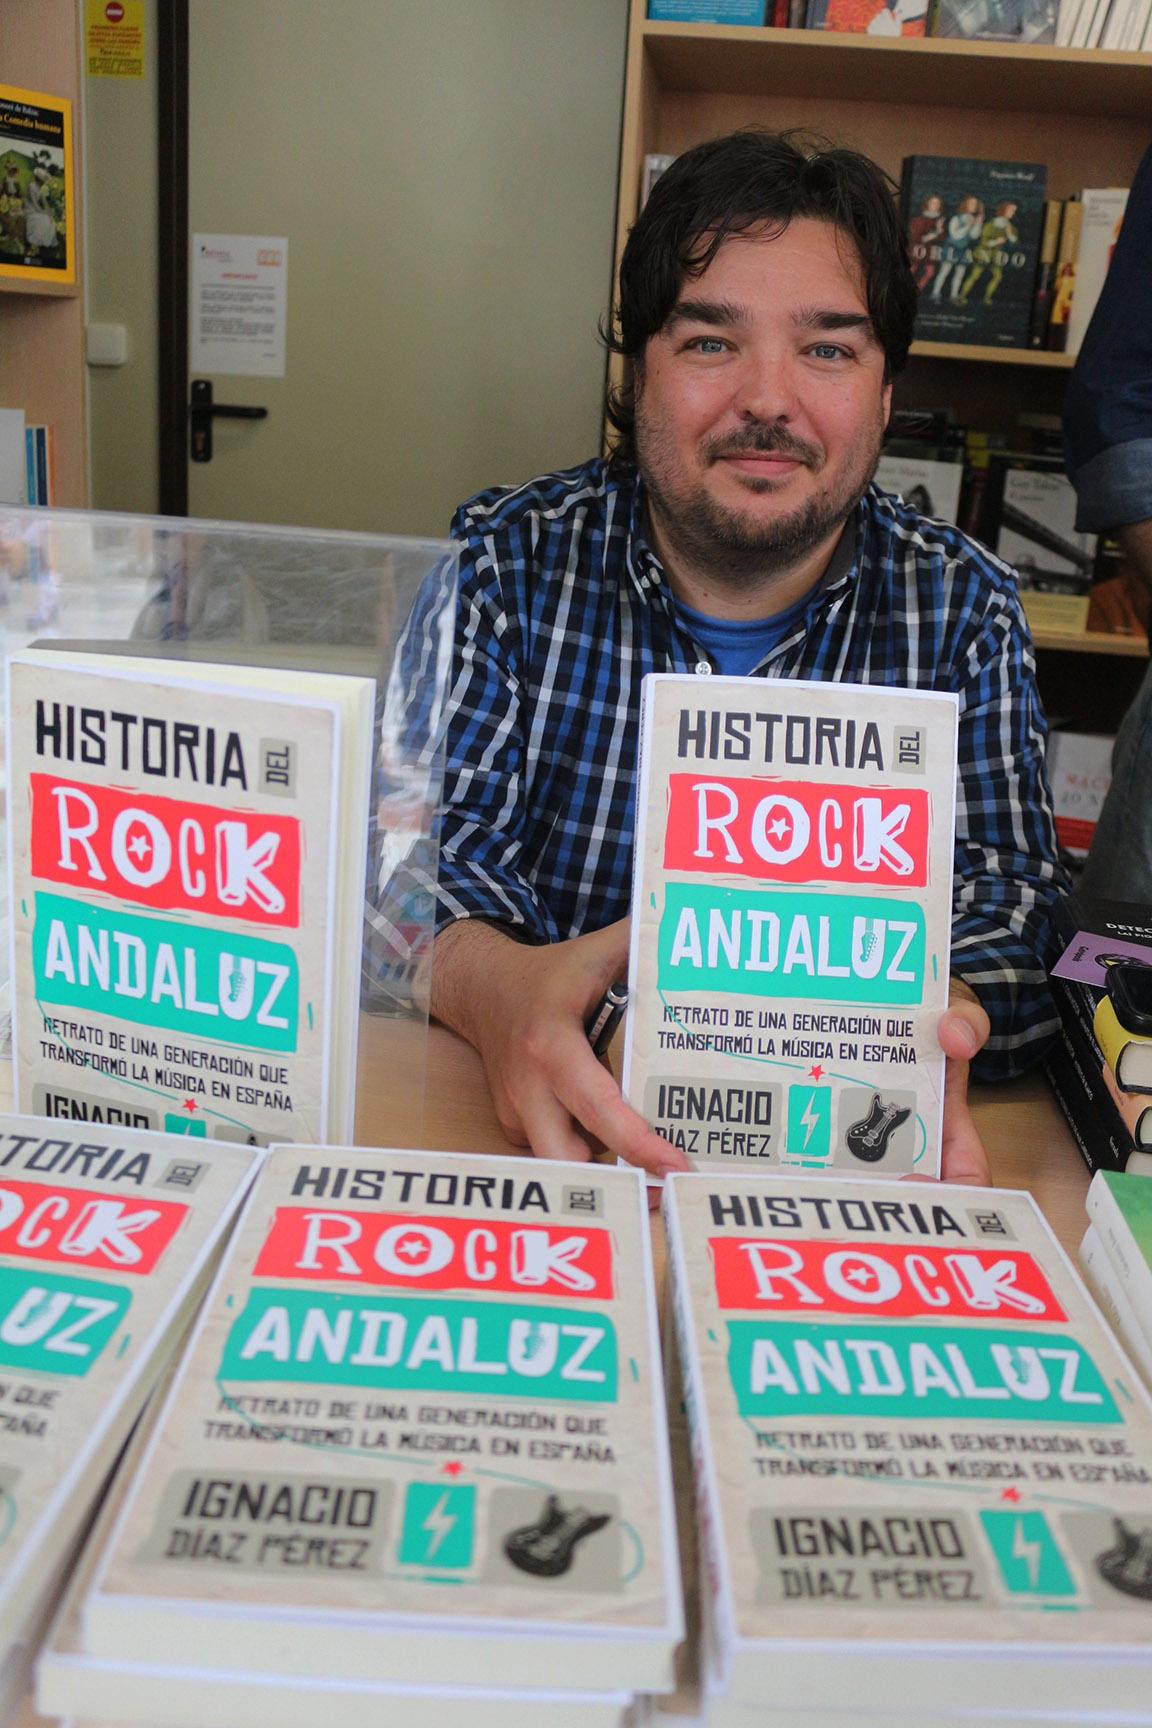 """Ignacio Díaz Pérez: """"Me he intentado acercar al rock andaluz con absoluto respeto y sin prejuicios"""""""